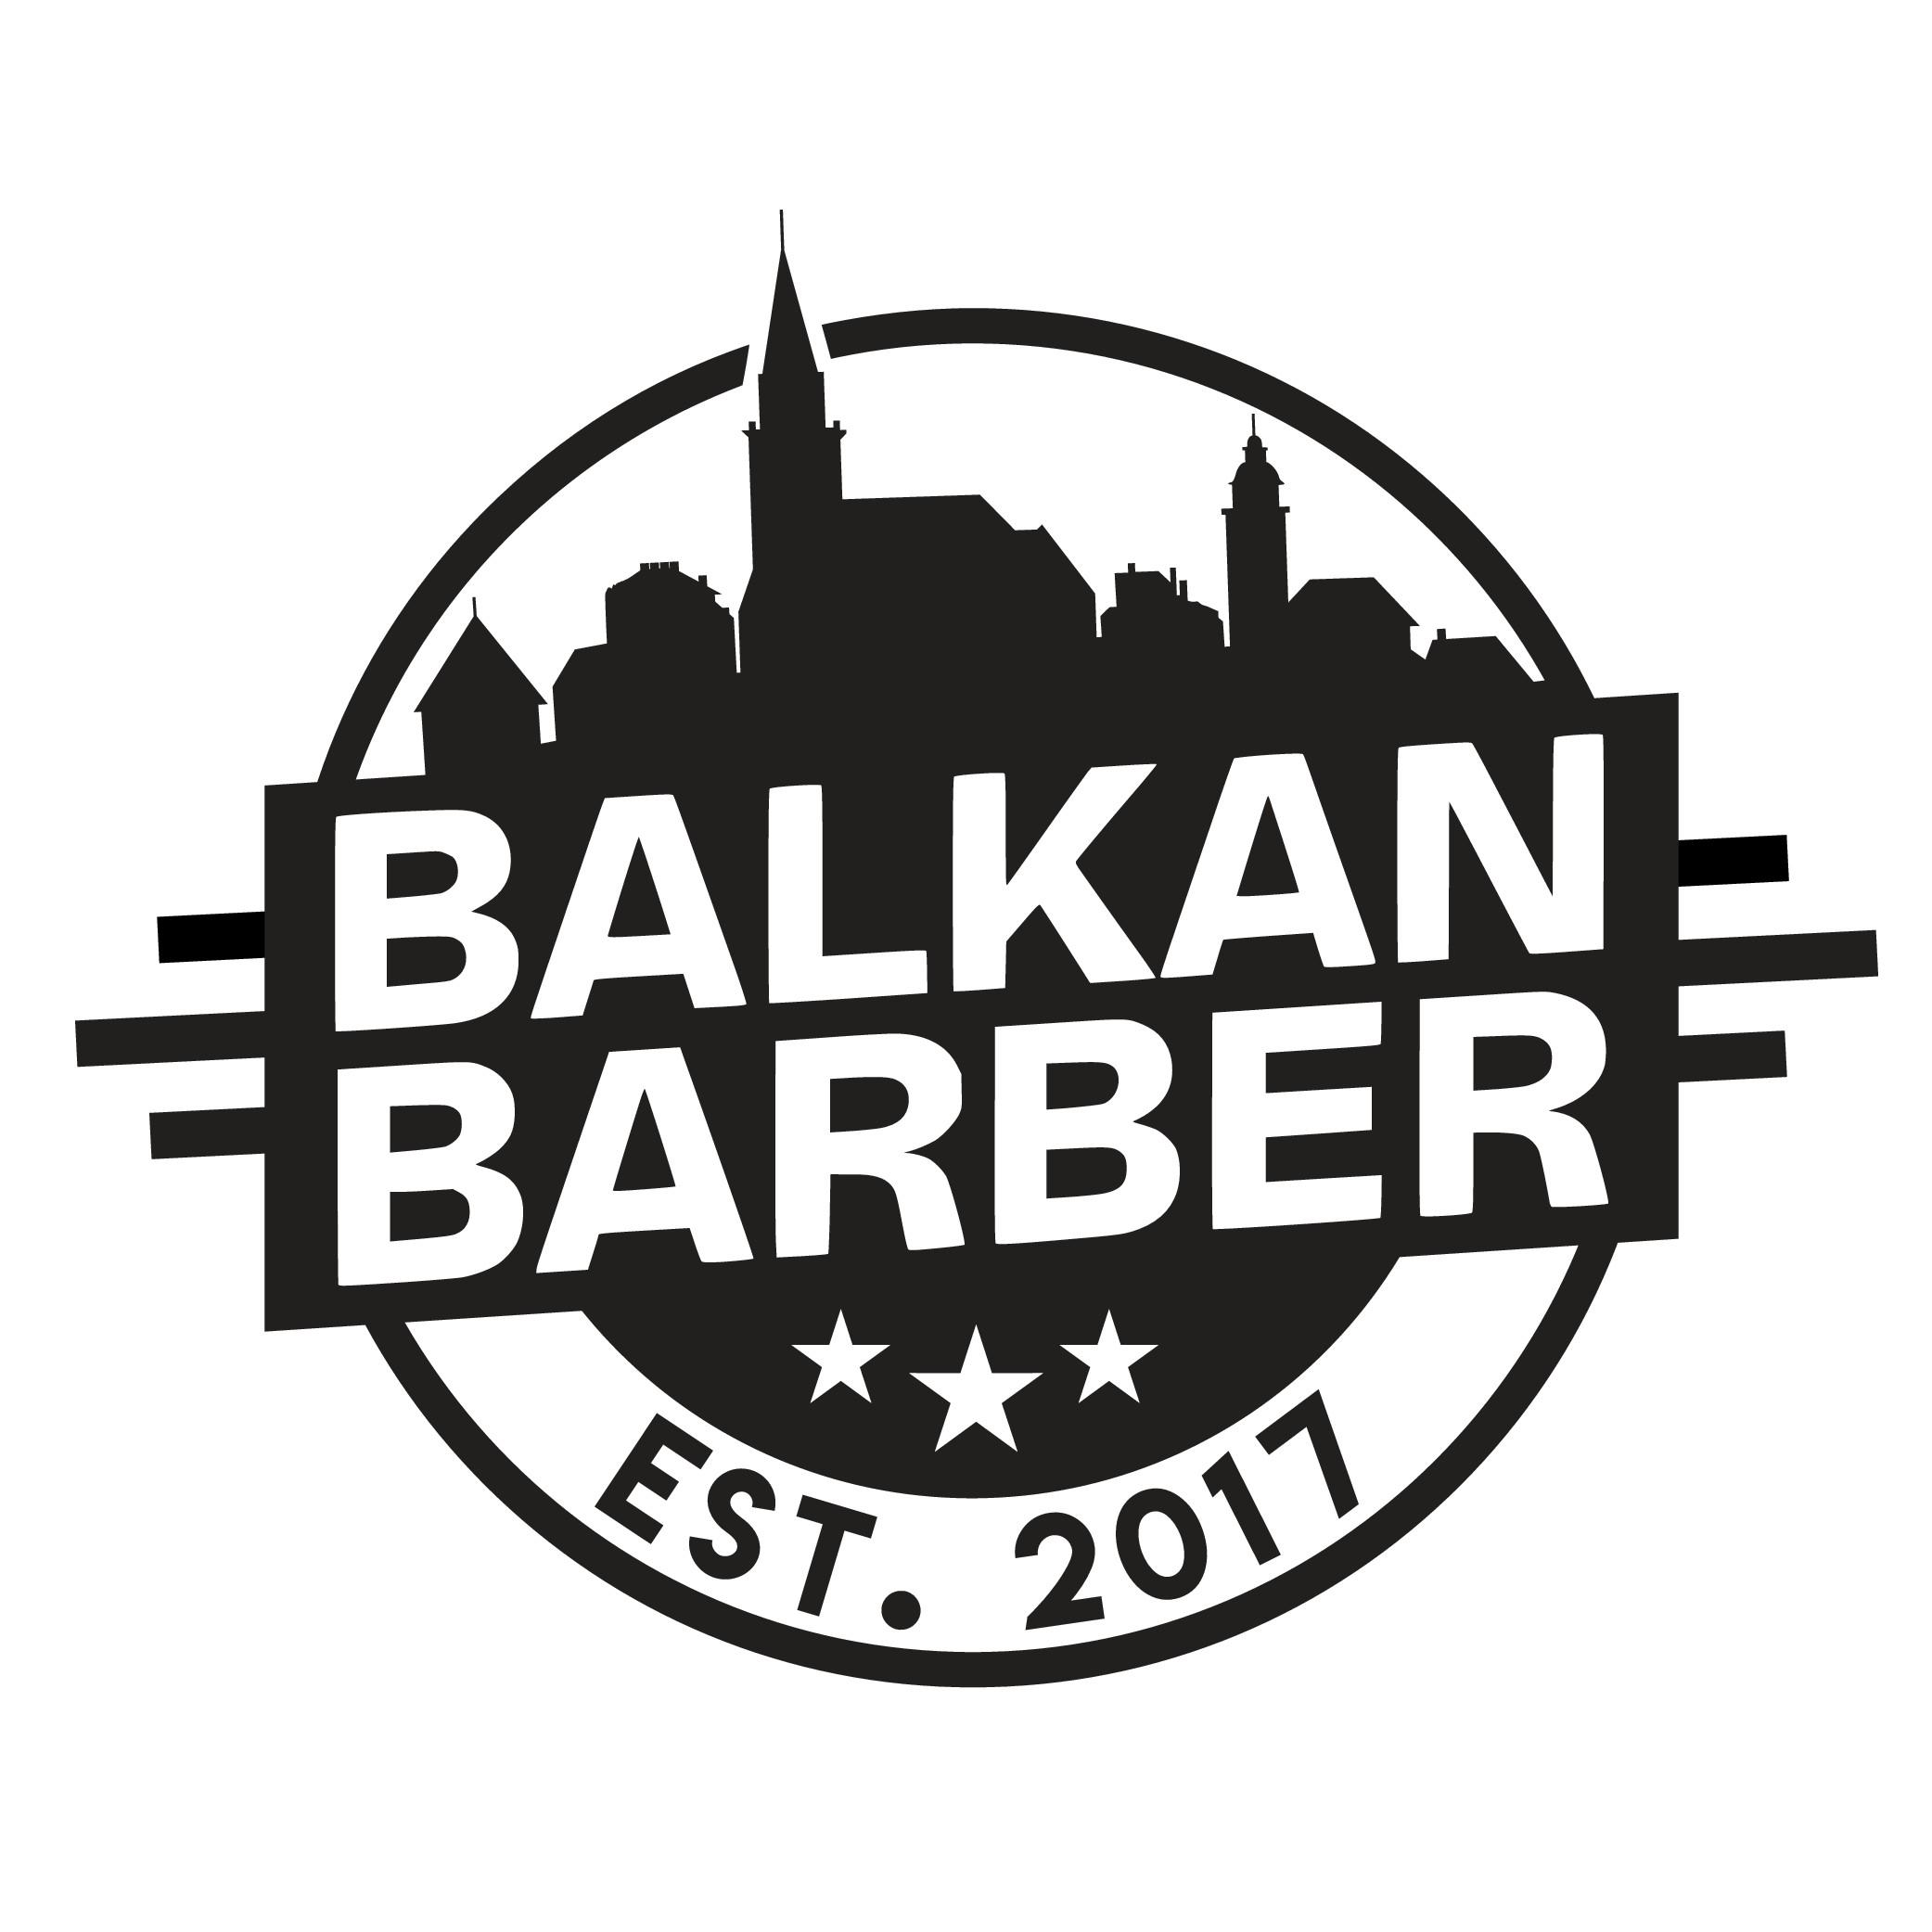 Old fashioned Barber Shop needs modern logo